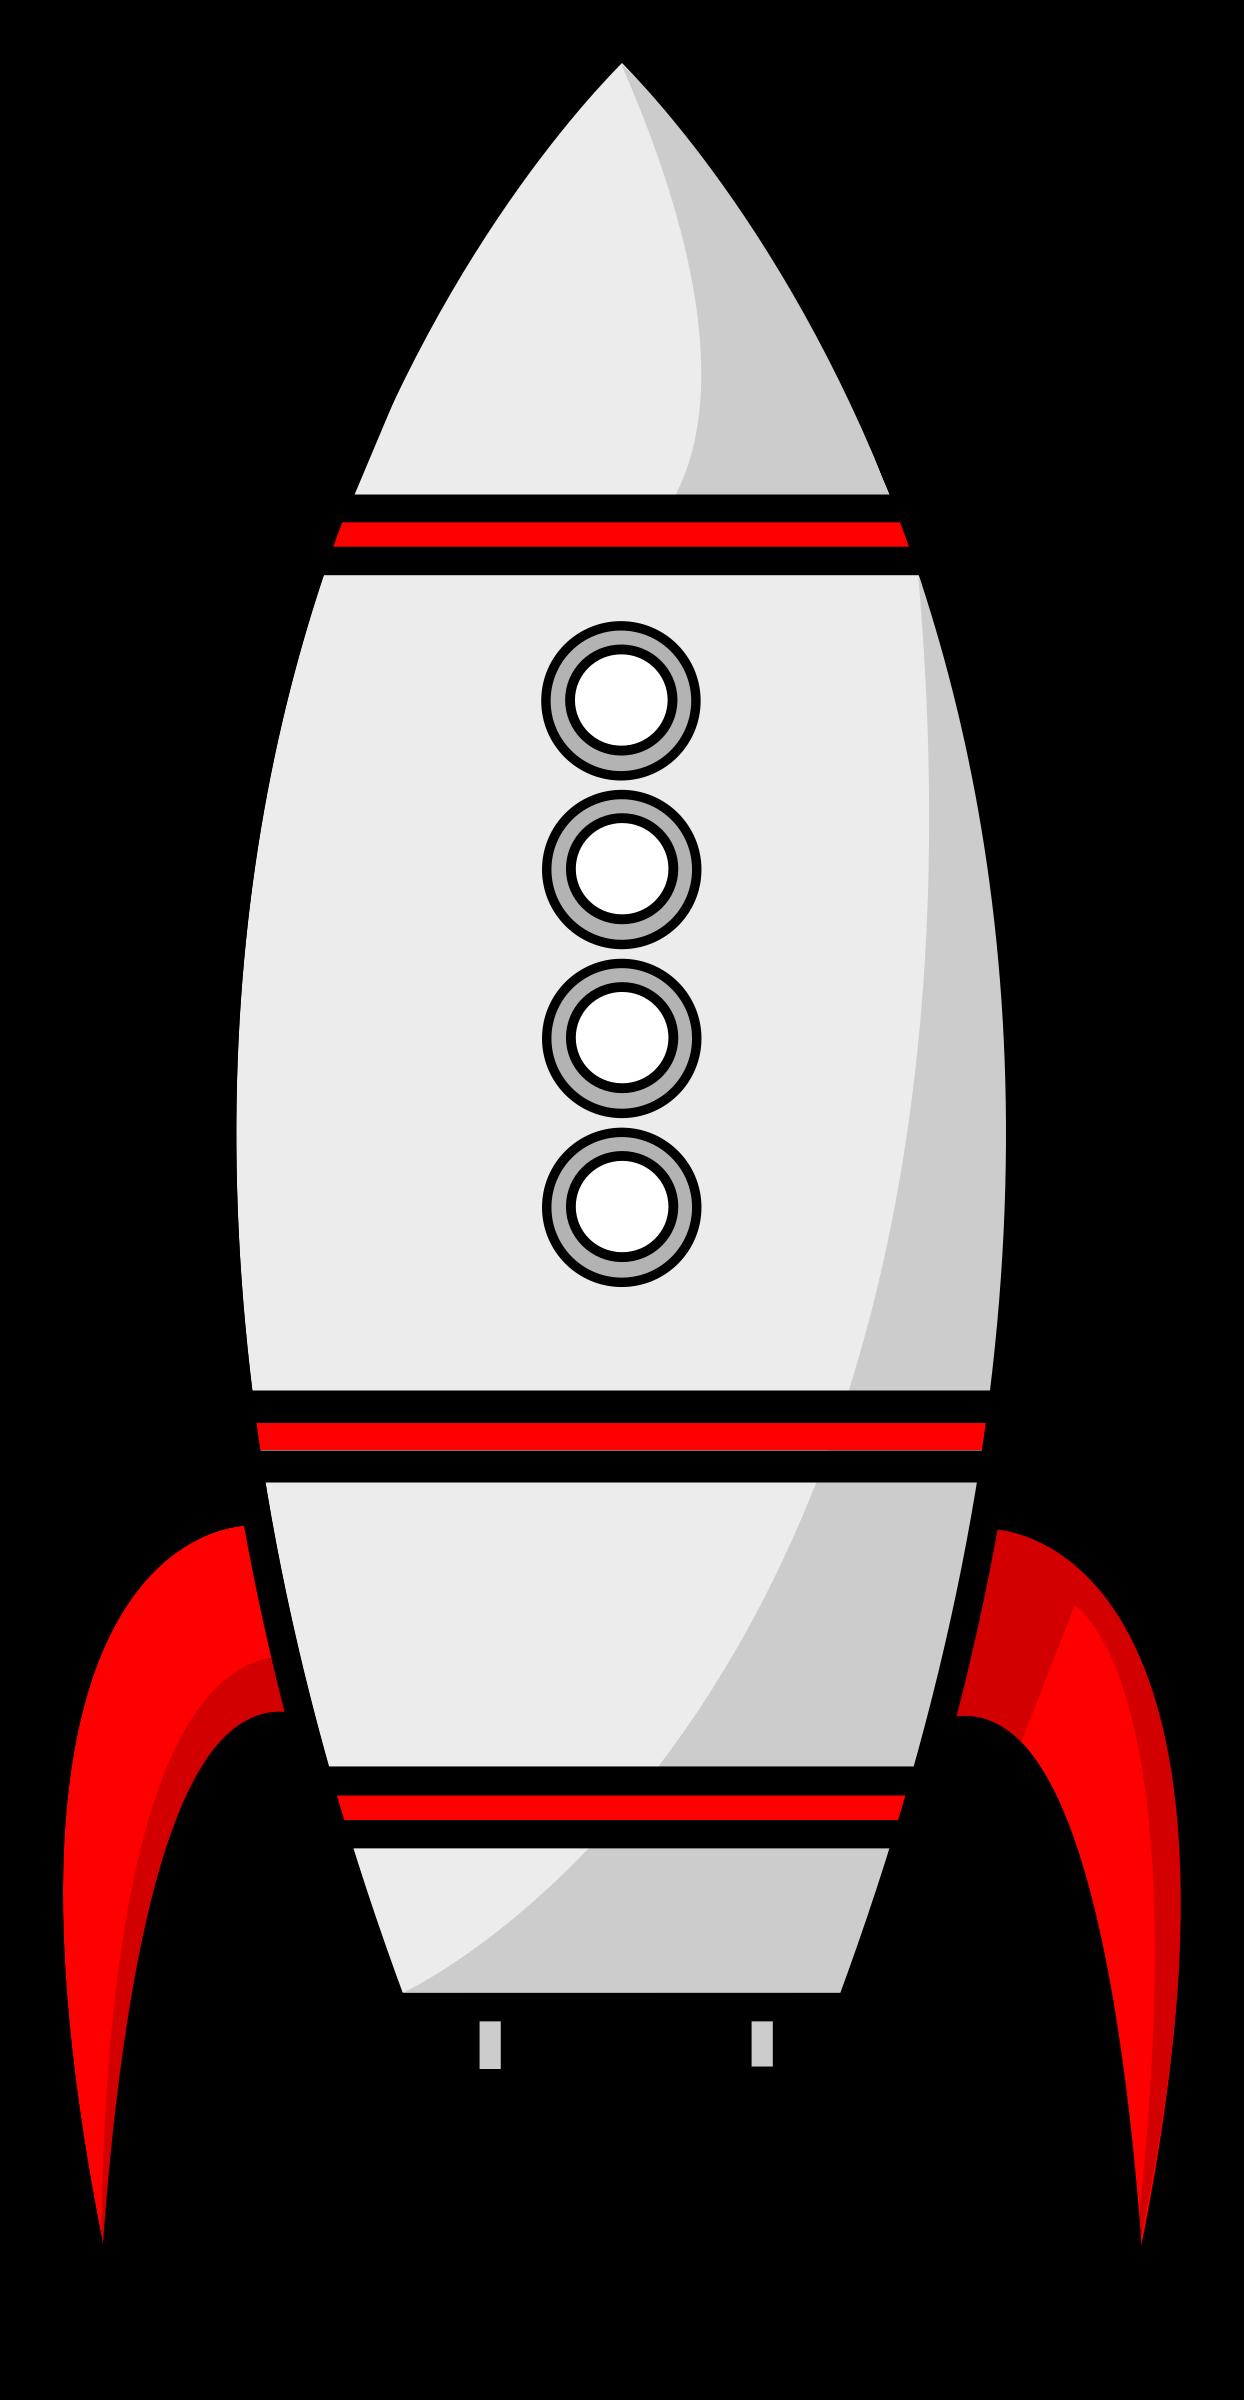 Clipart rocket cartoon. Moon remix big image